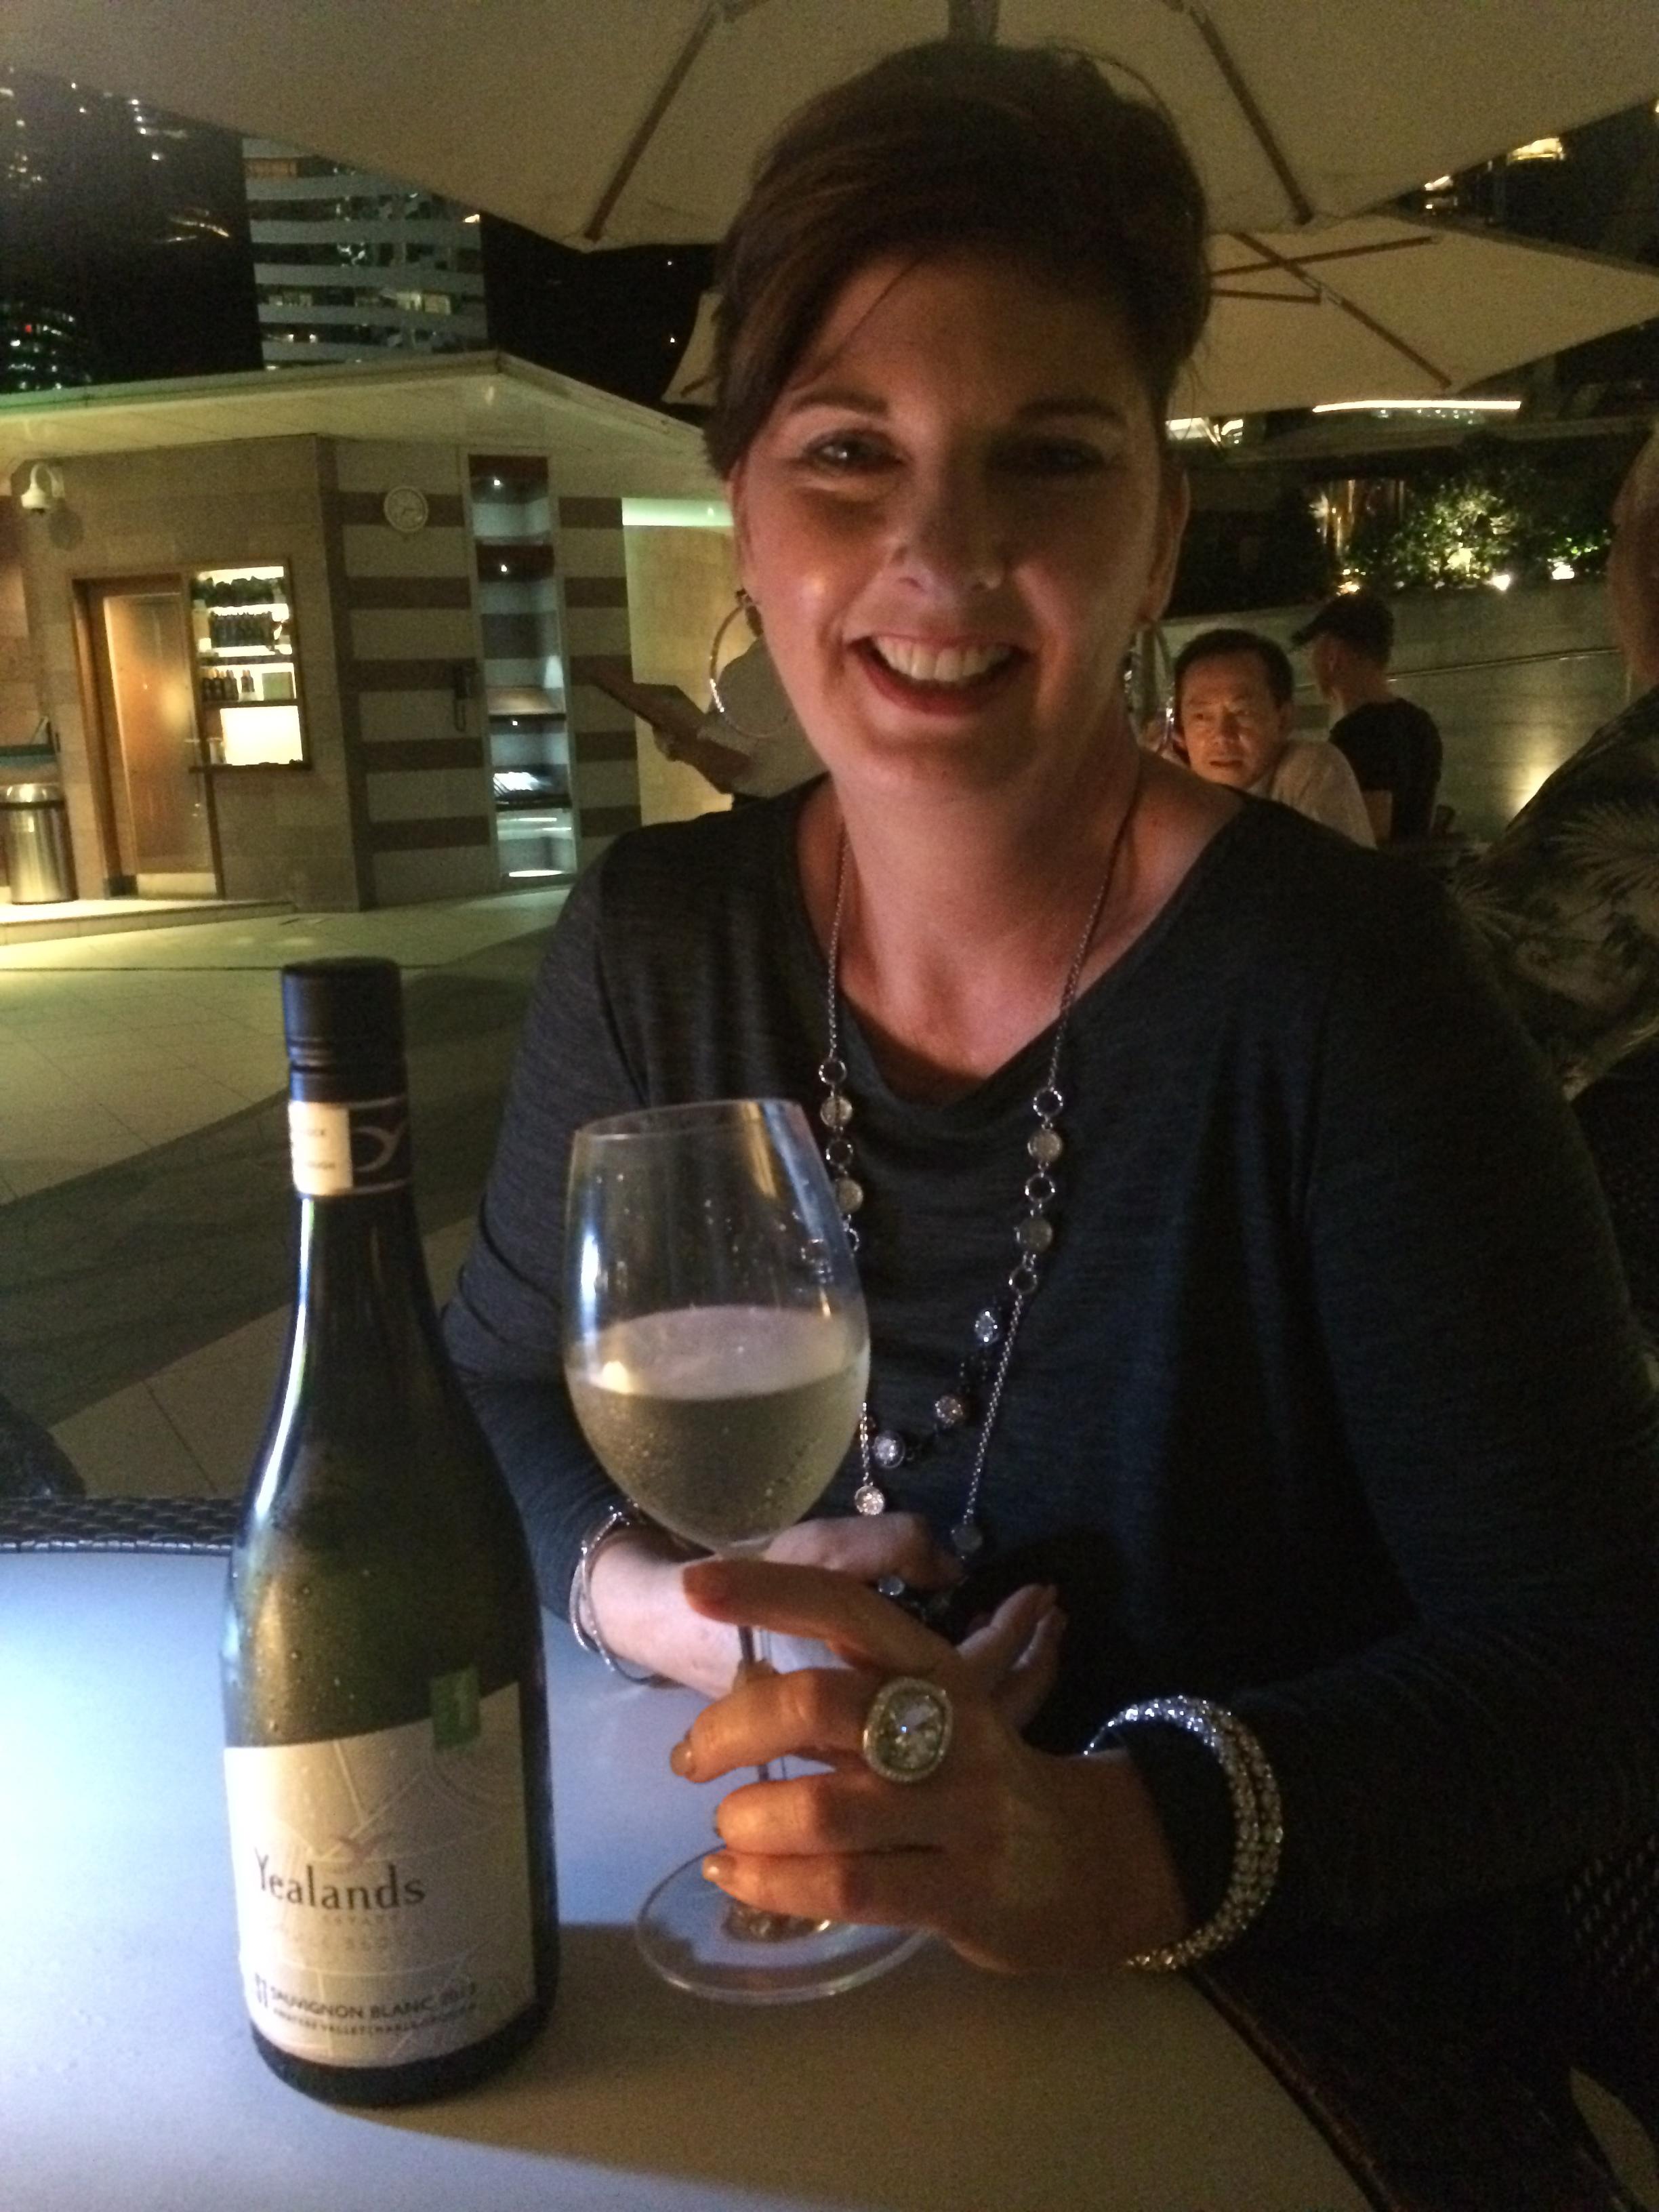 Yealands Estate Wine Promotion - JW Marriott HK - November 2014